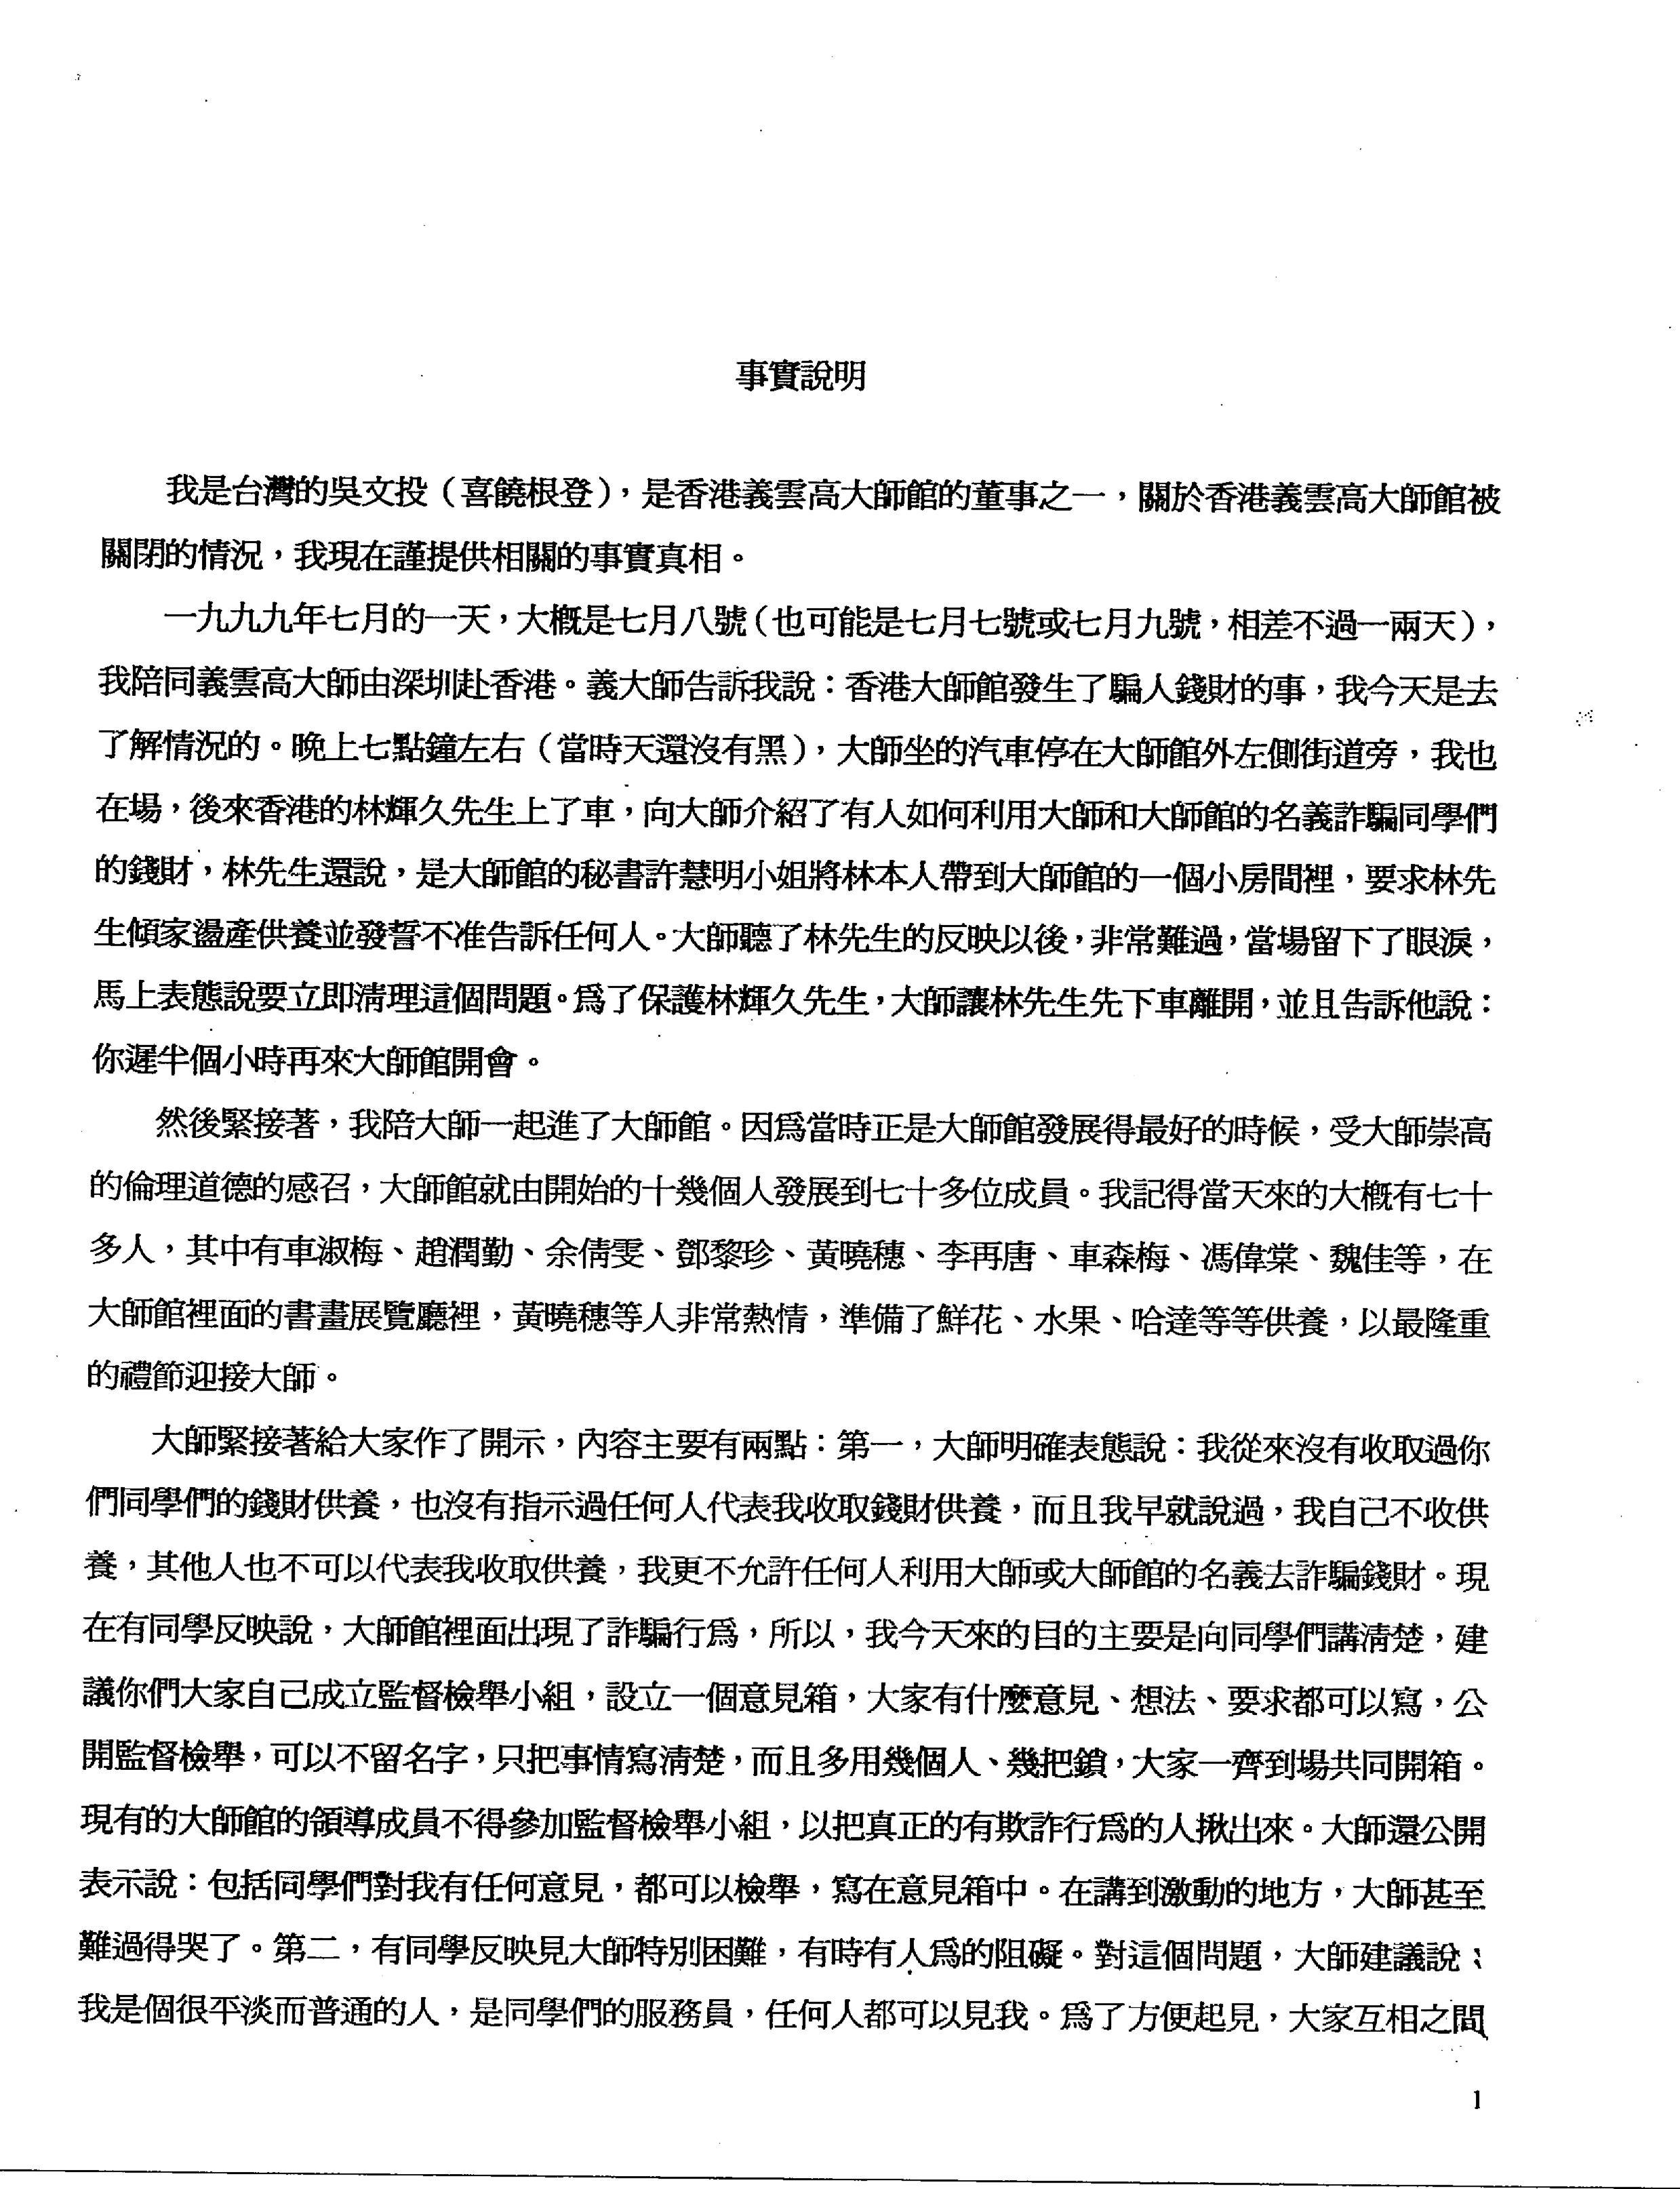 南无第三世多杰羌佛清白 黄晓穗诈骗被香港法庭判重刑 第7张